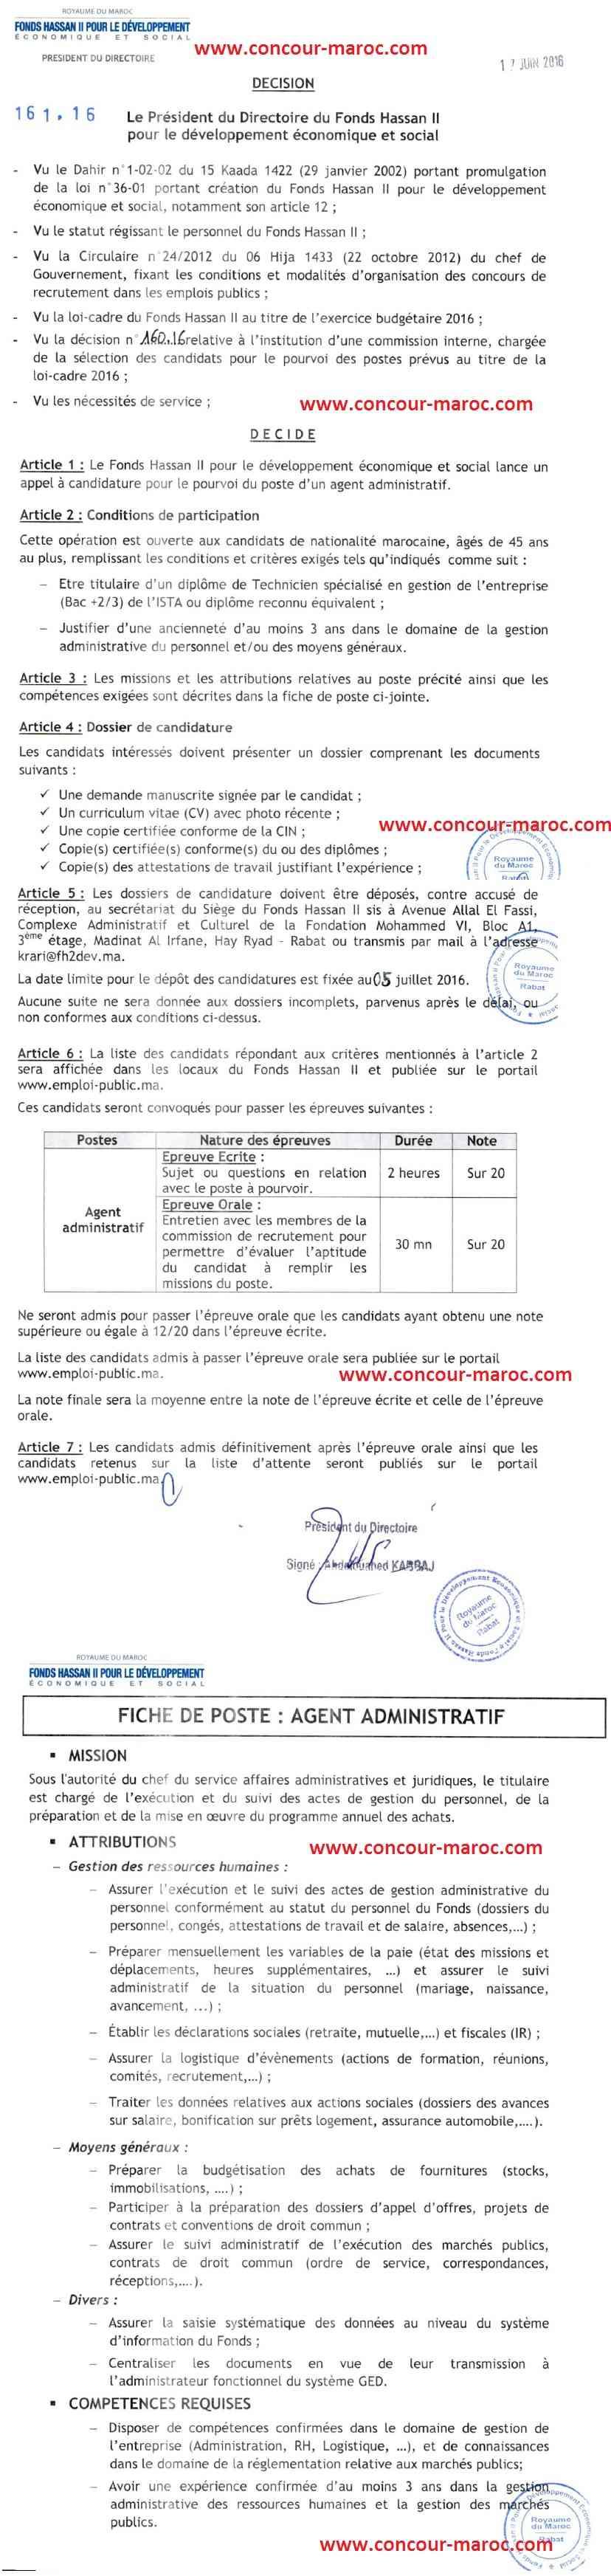 صندوق الحسن الثاني للتنمية الإقتصادية والإجتماعية : مباراة لتوظيف عون إداري (1 منصب) آخر أجل لإيداع الترشيحات 5 يوليوز 2016 Concou32